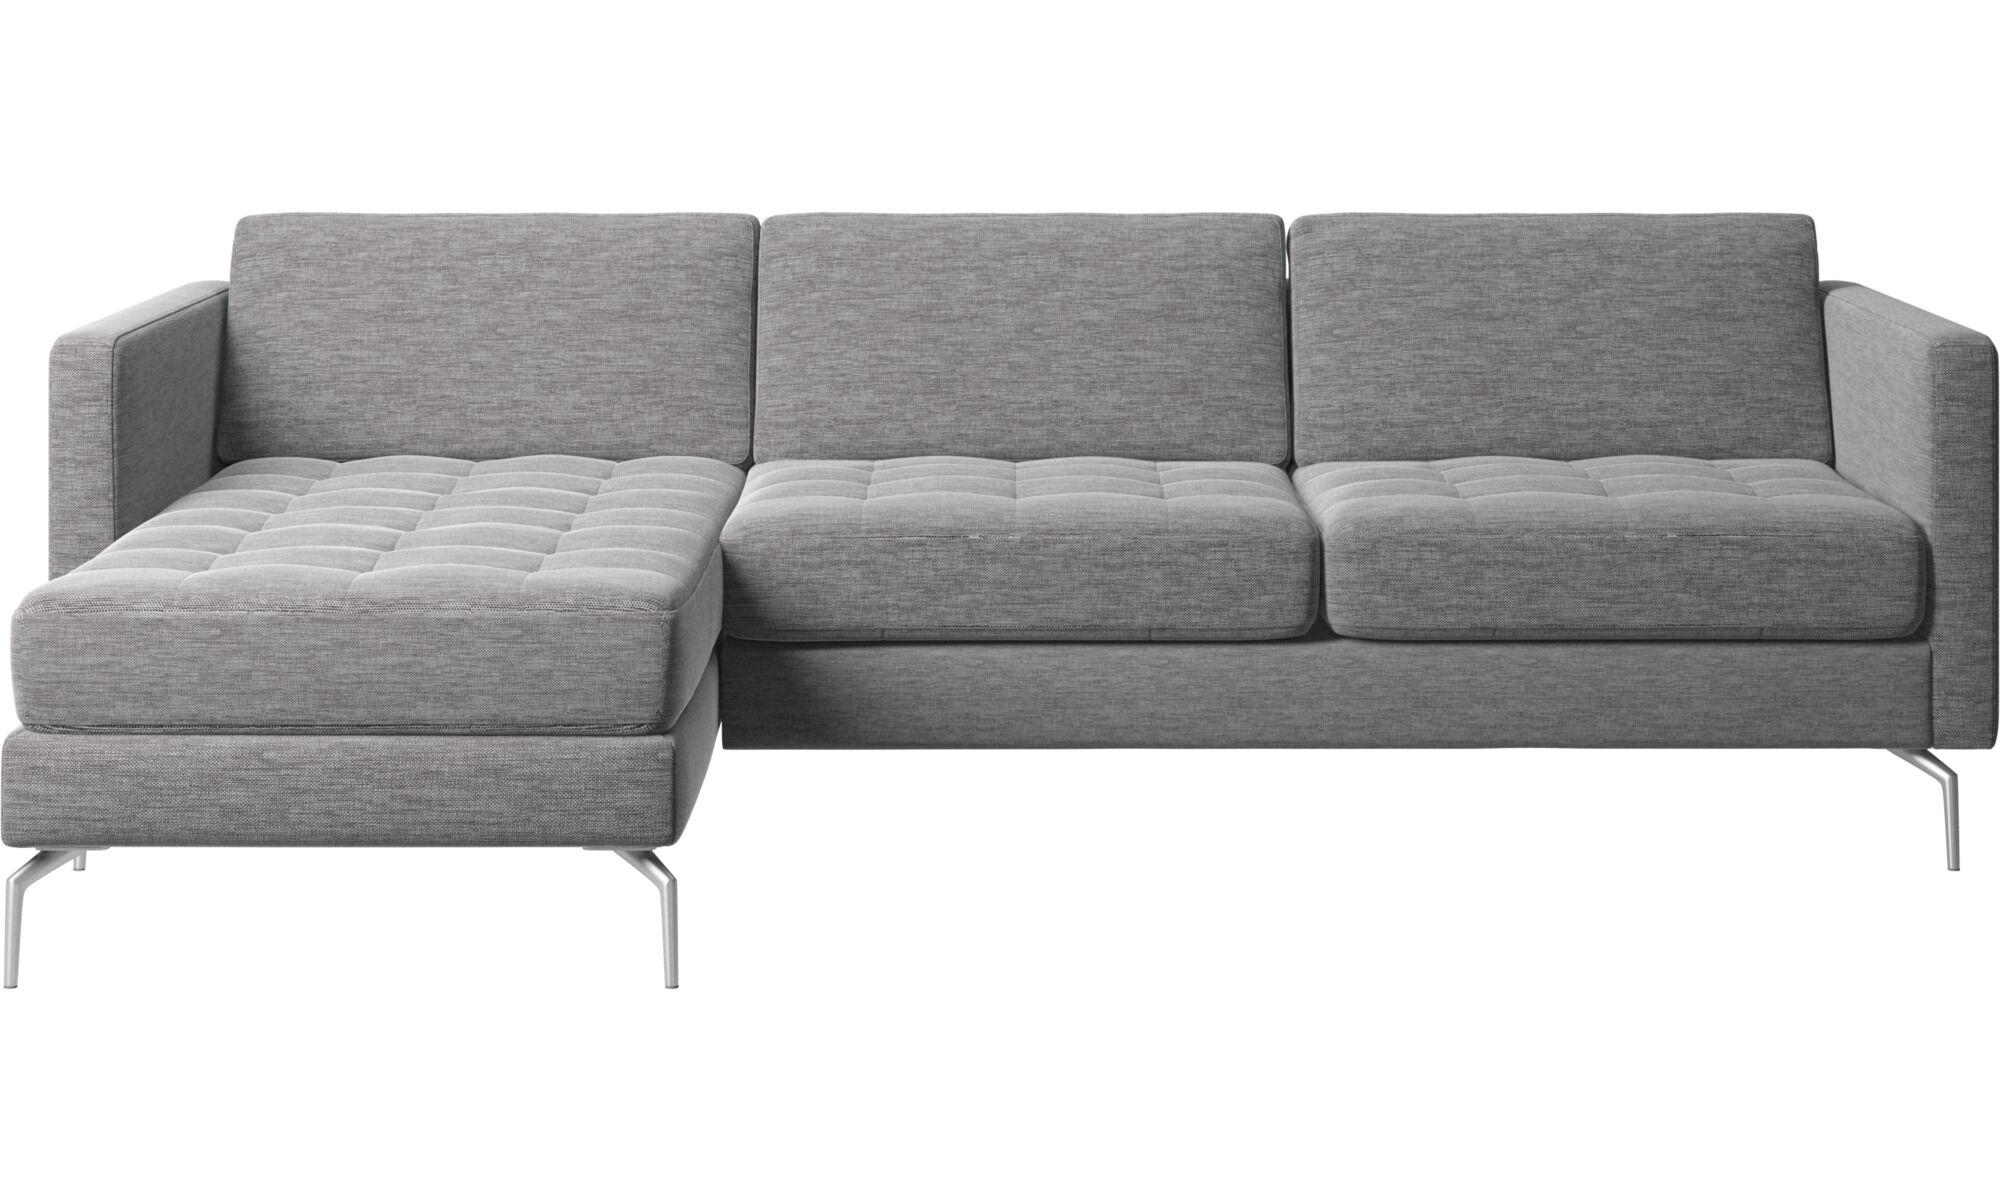 Unsere Neuheiten   Osaka Sofa Mit Ruhemodul, Getuftete Sitzfläche   Grau    Stoff